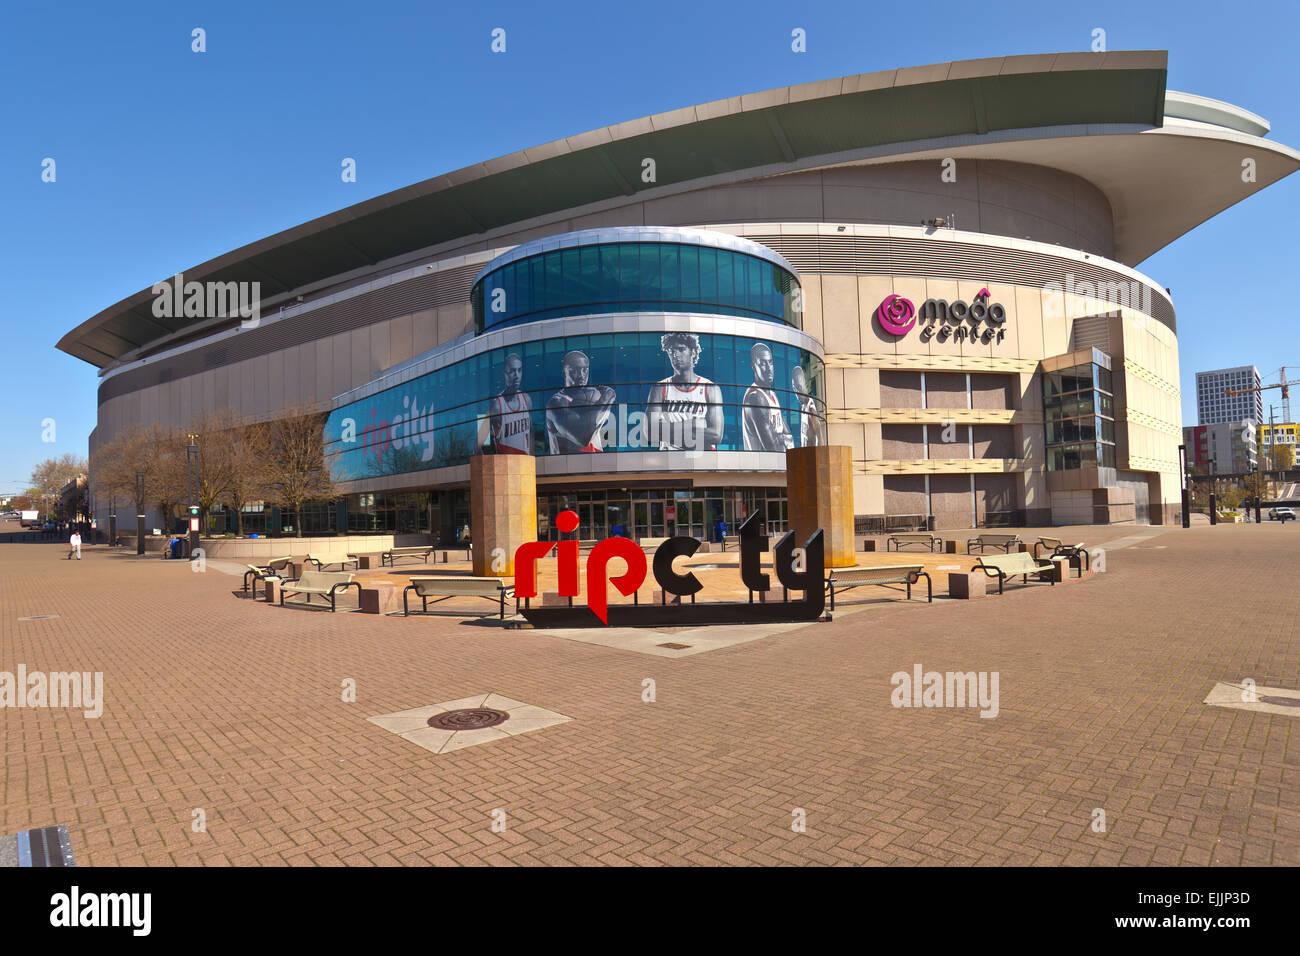 rose quarter moda center portland oregon stock photo 80317761 alamy rh alamy com moda center portland oregon seating chart moda center portland oregon address